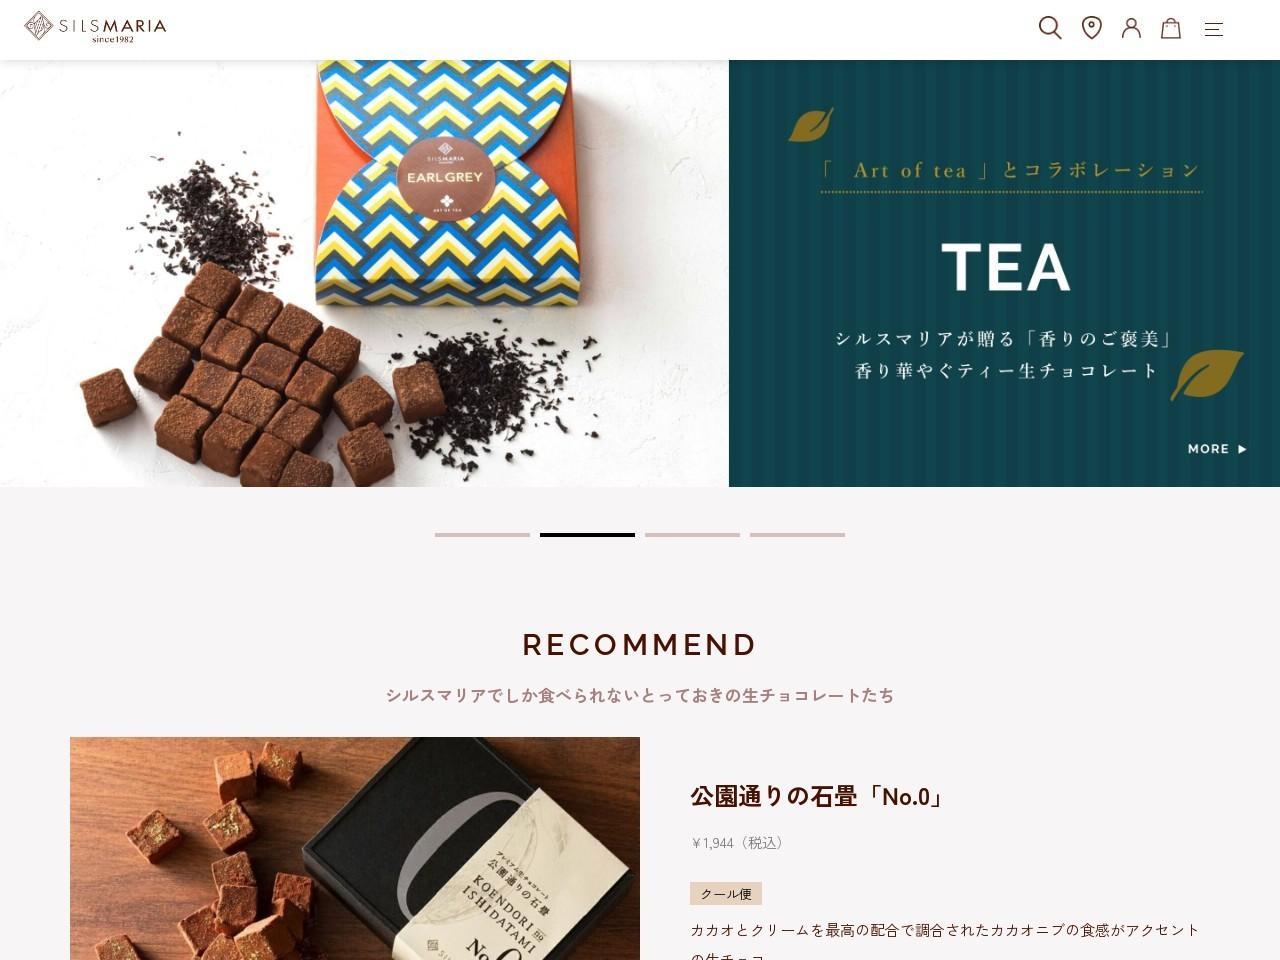 シルスマリア平塚本店